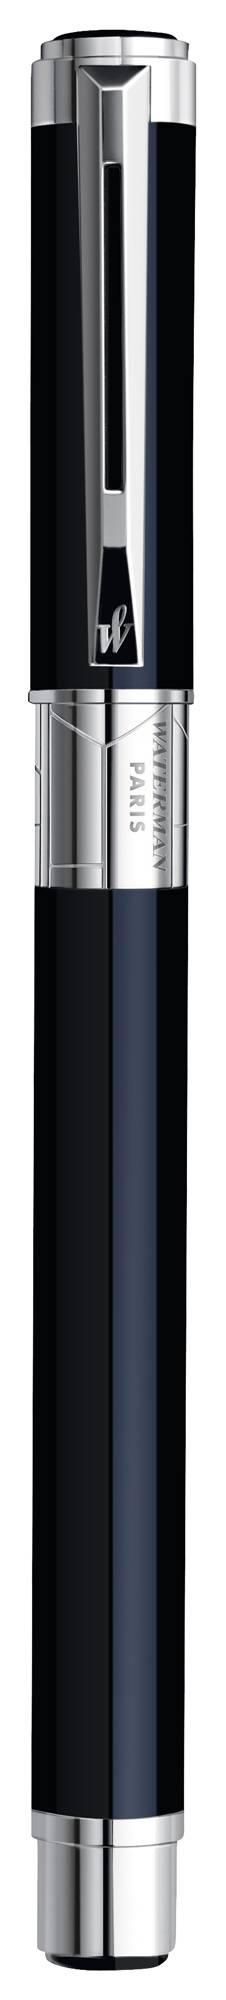 Ручка роллер Waterman Perspective Black CT (S0830720) - фото 1